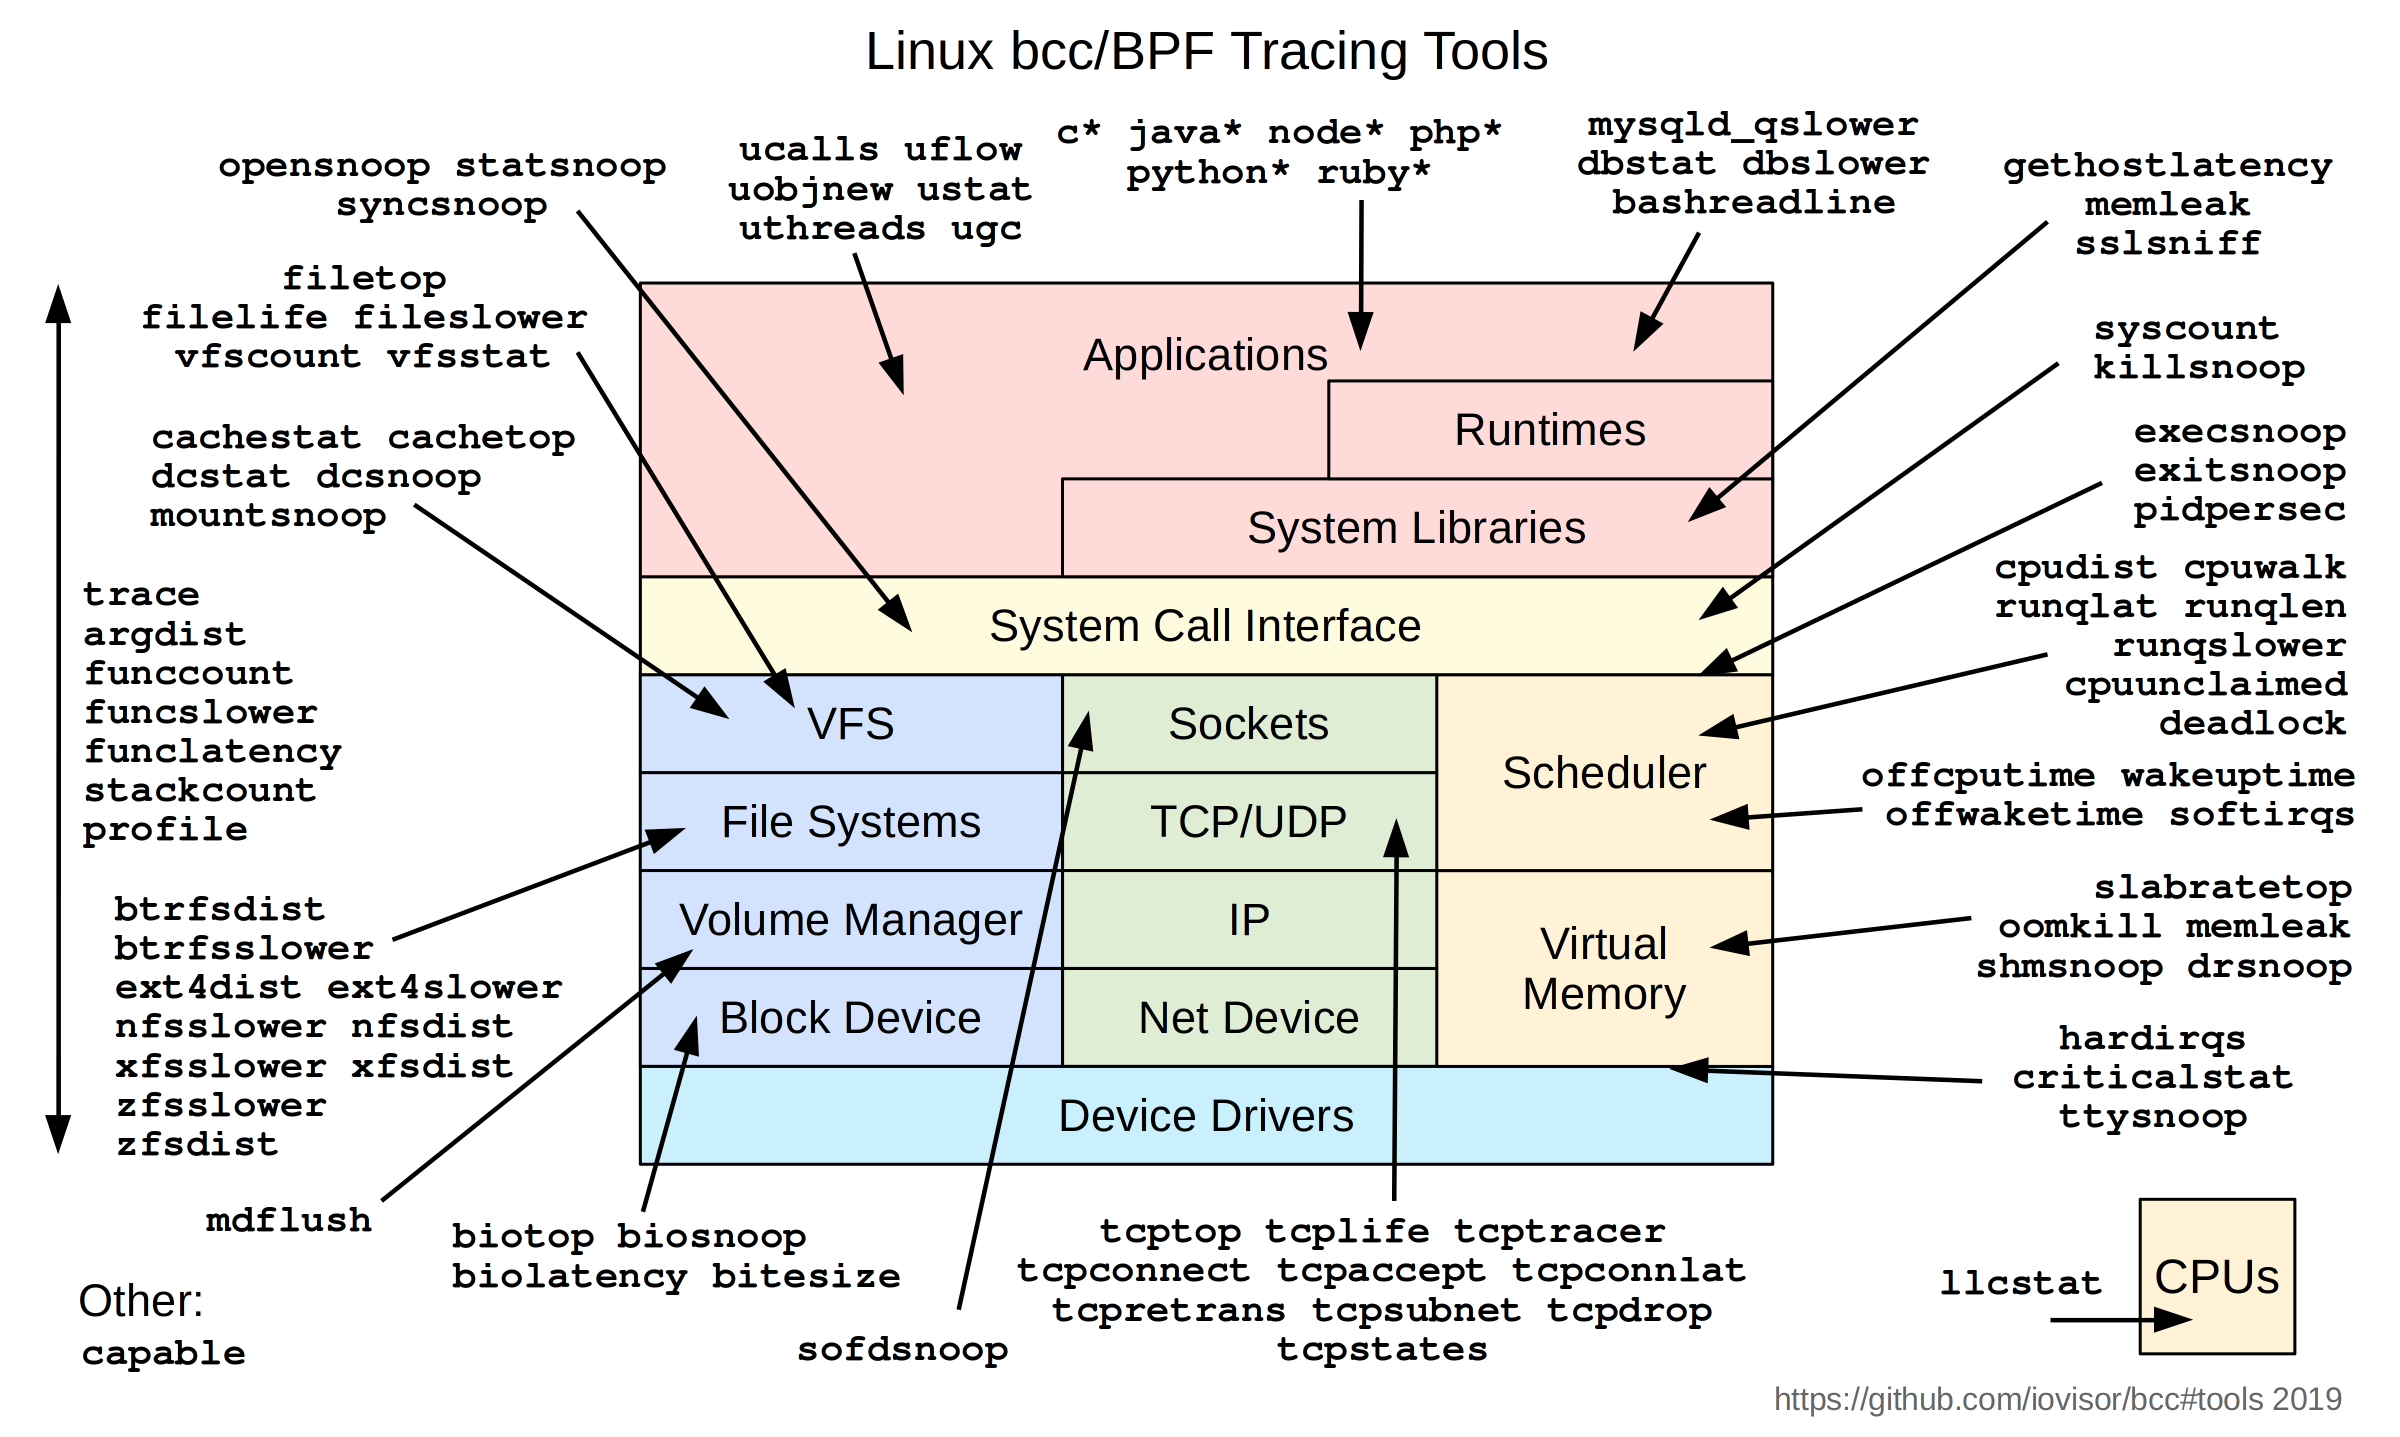 ebpf-tracing-tools